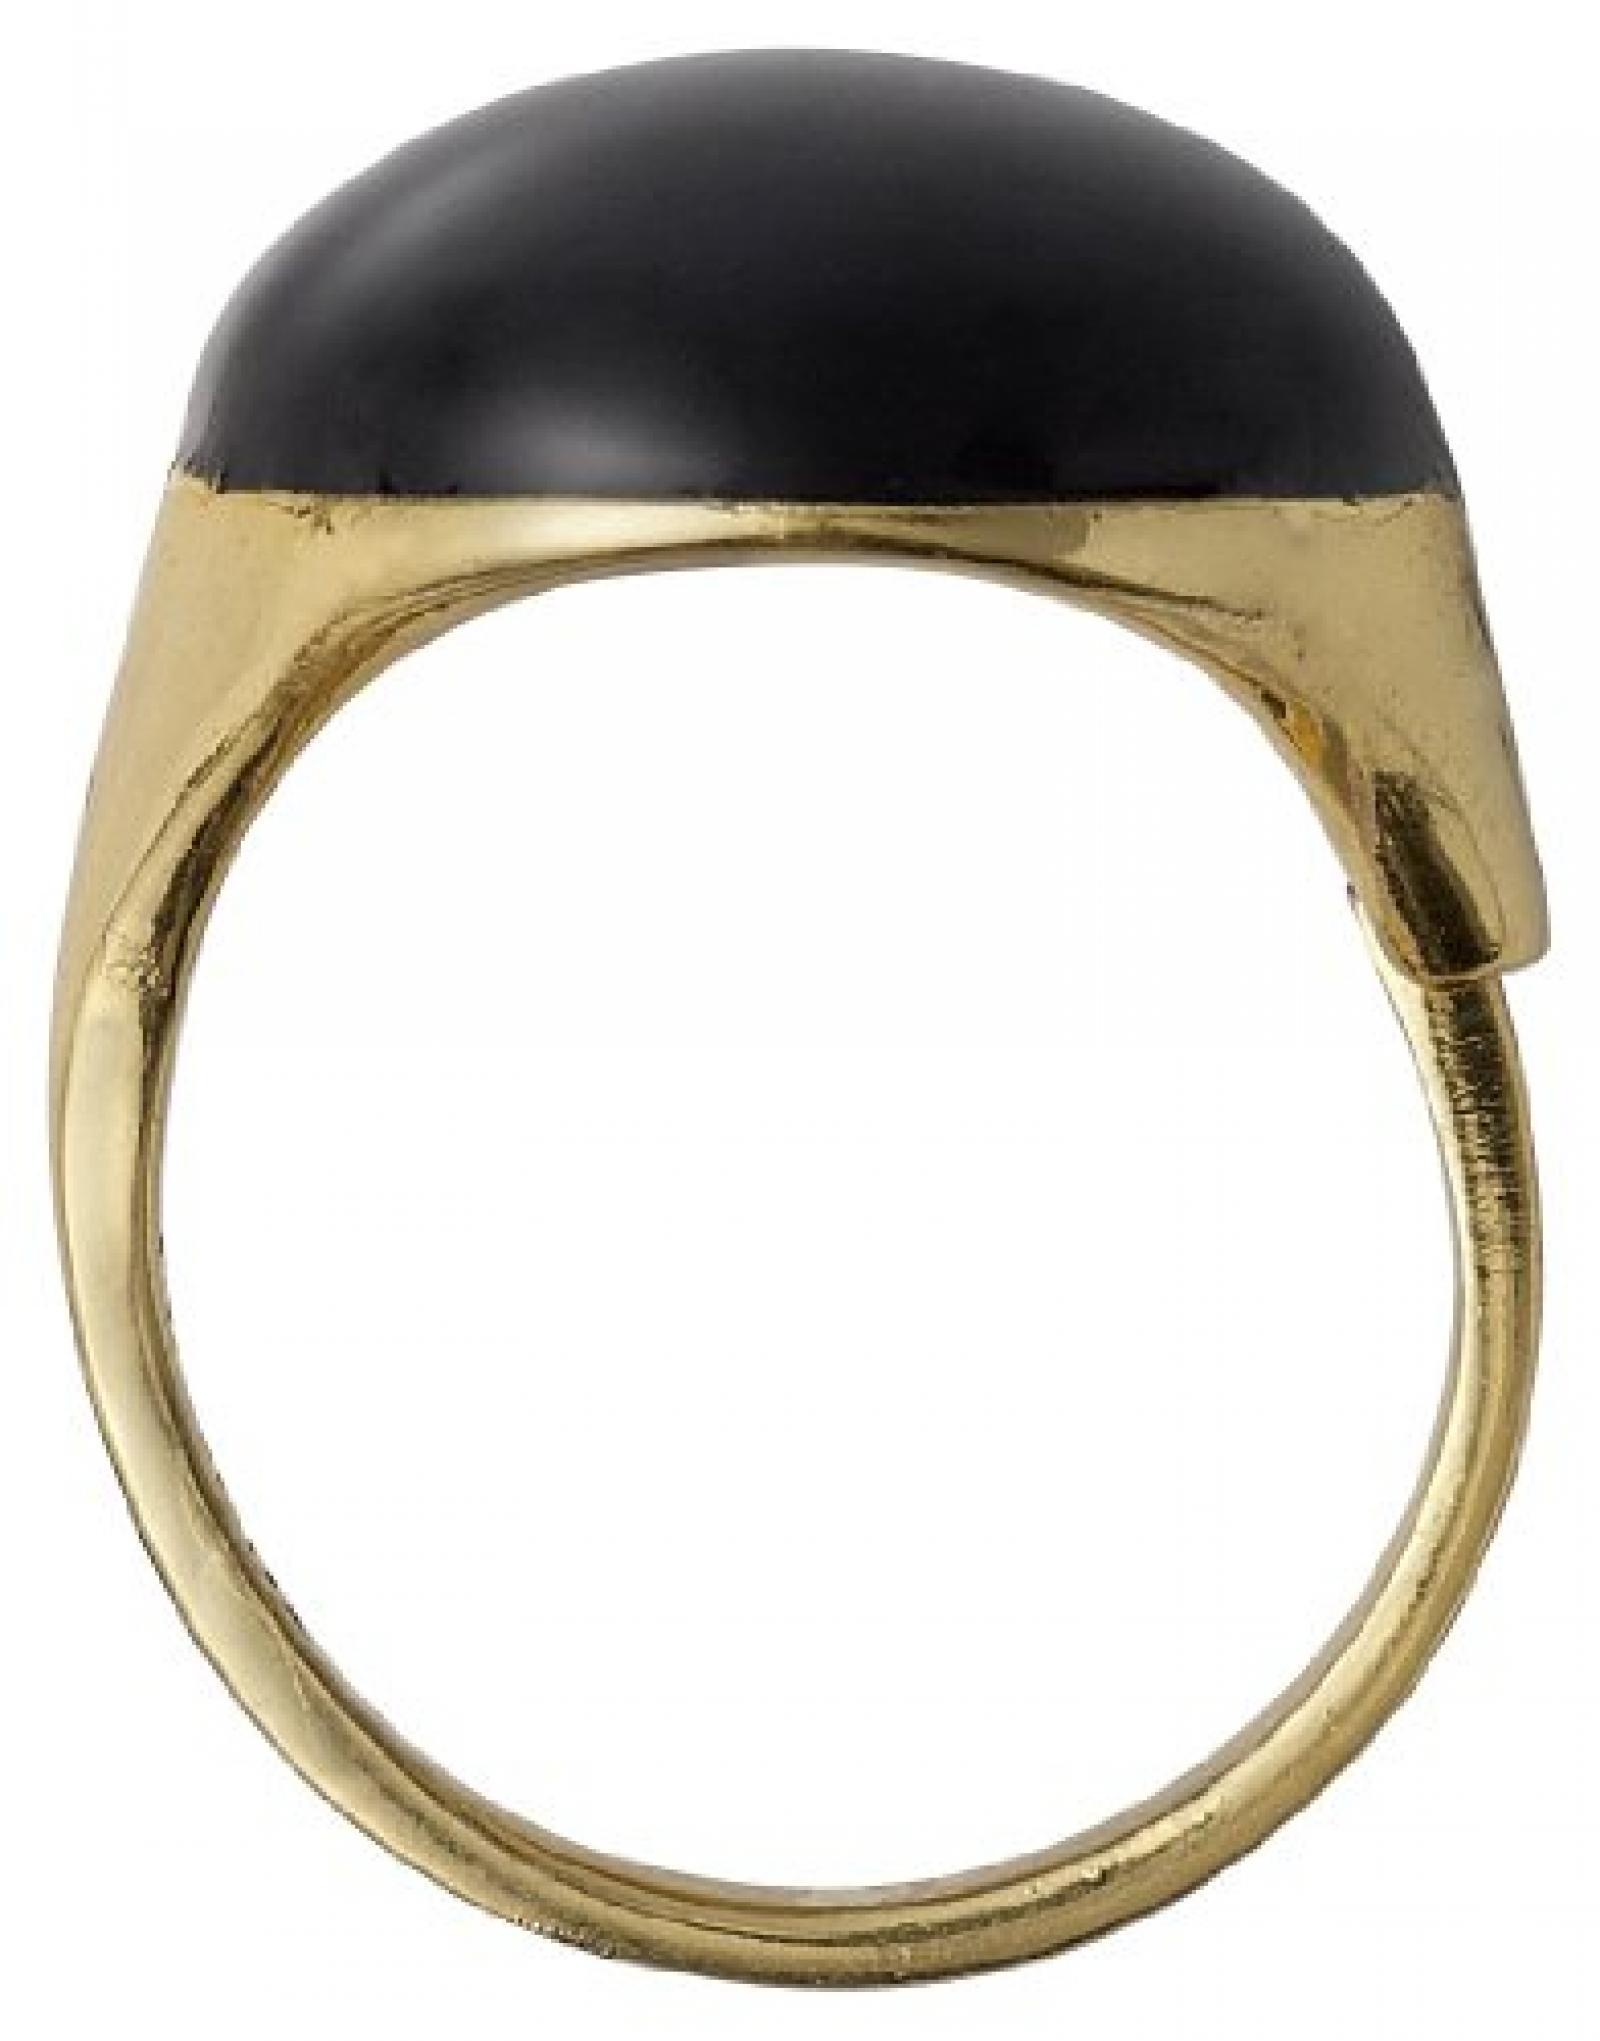 Pilgrim Jewelry Damen-Ring Messing Pilgrim Damen-Ring aus der Serie Enamel world vergoldet,schwarz  2.0 cm 251332104